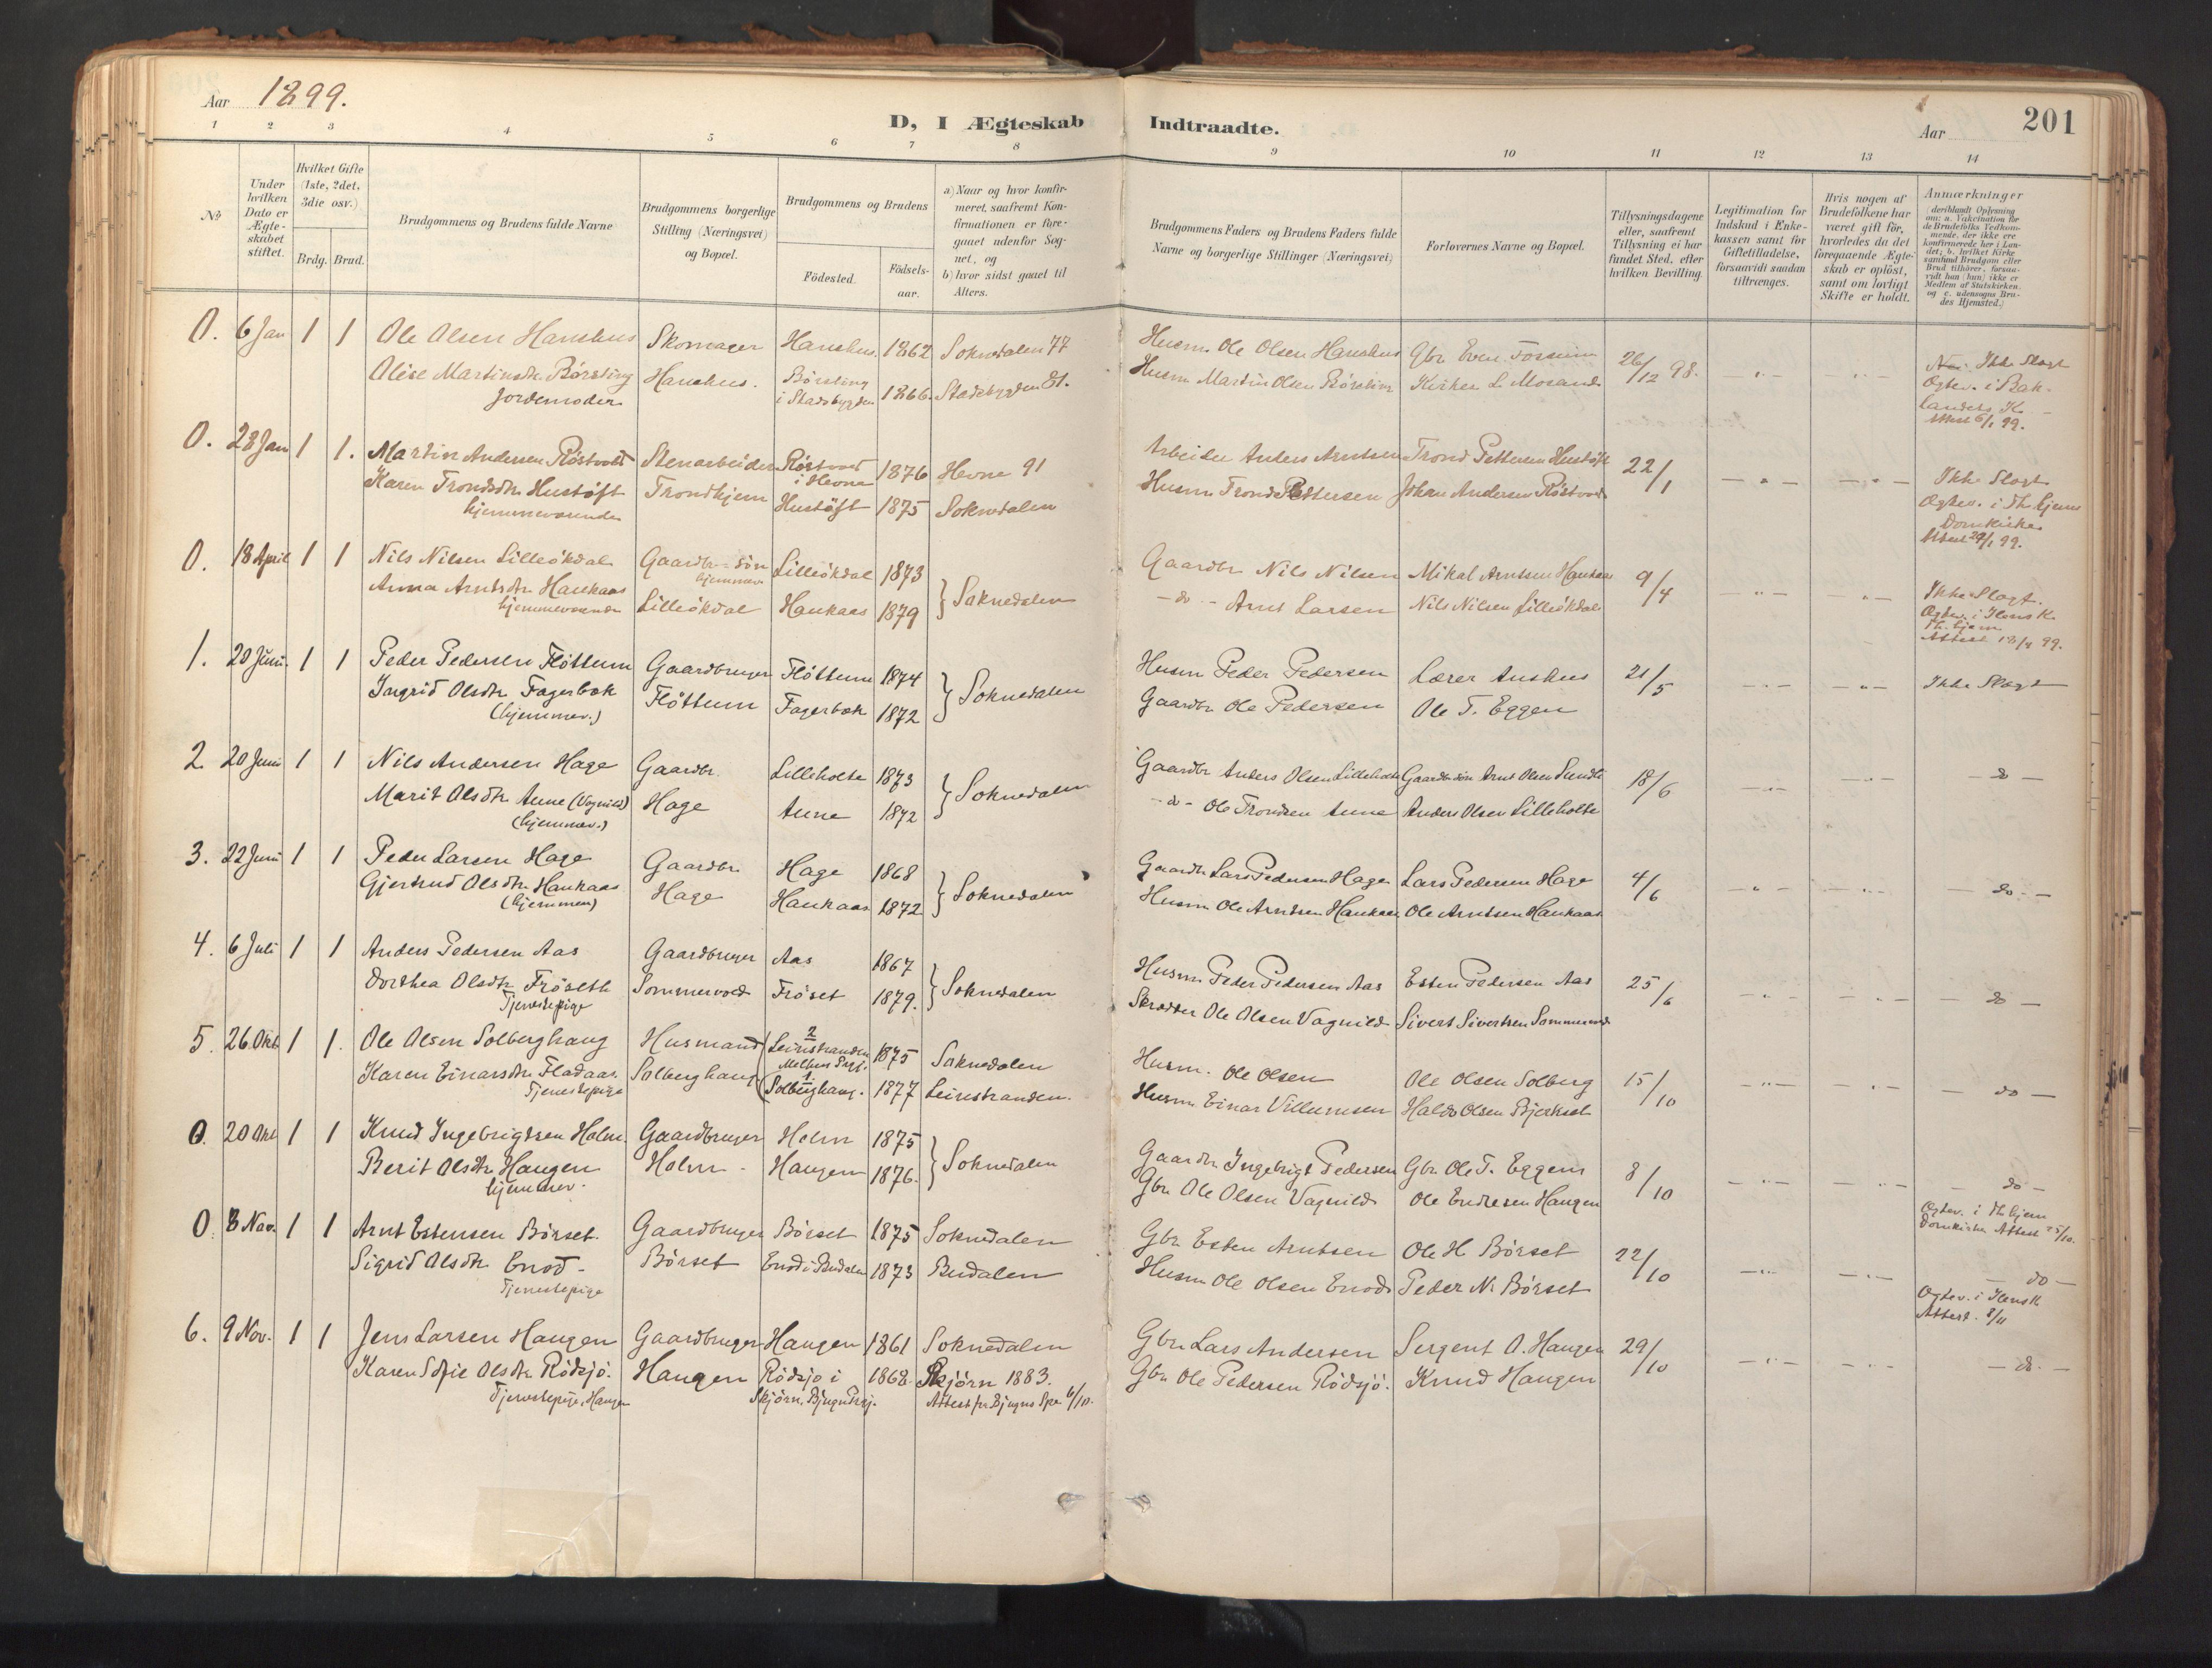 SAT, Ministerialprotokoller, klokkerbøker og fødselsregistre - Sør-Trøndelag, 689/L1041: Ministerialbok nr. 689A06, 1891-1923, s. 201